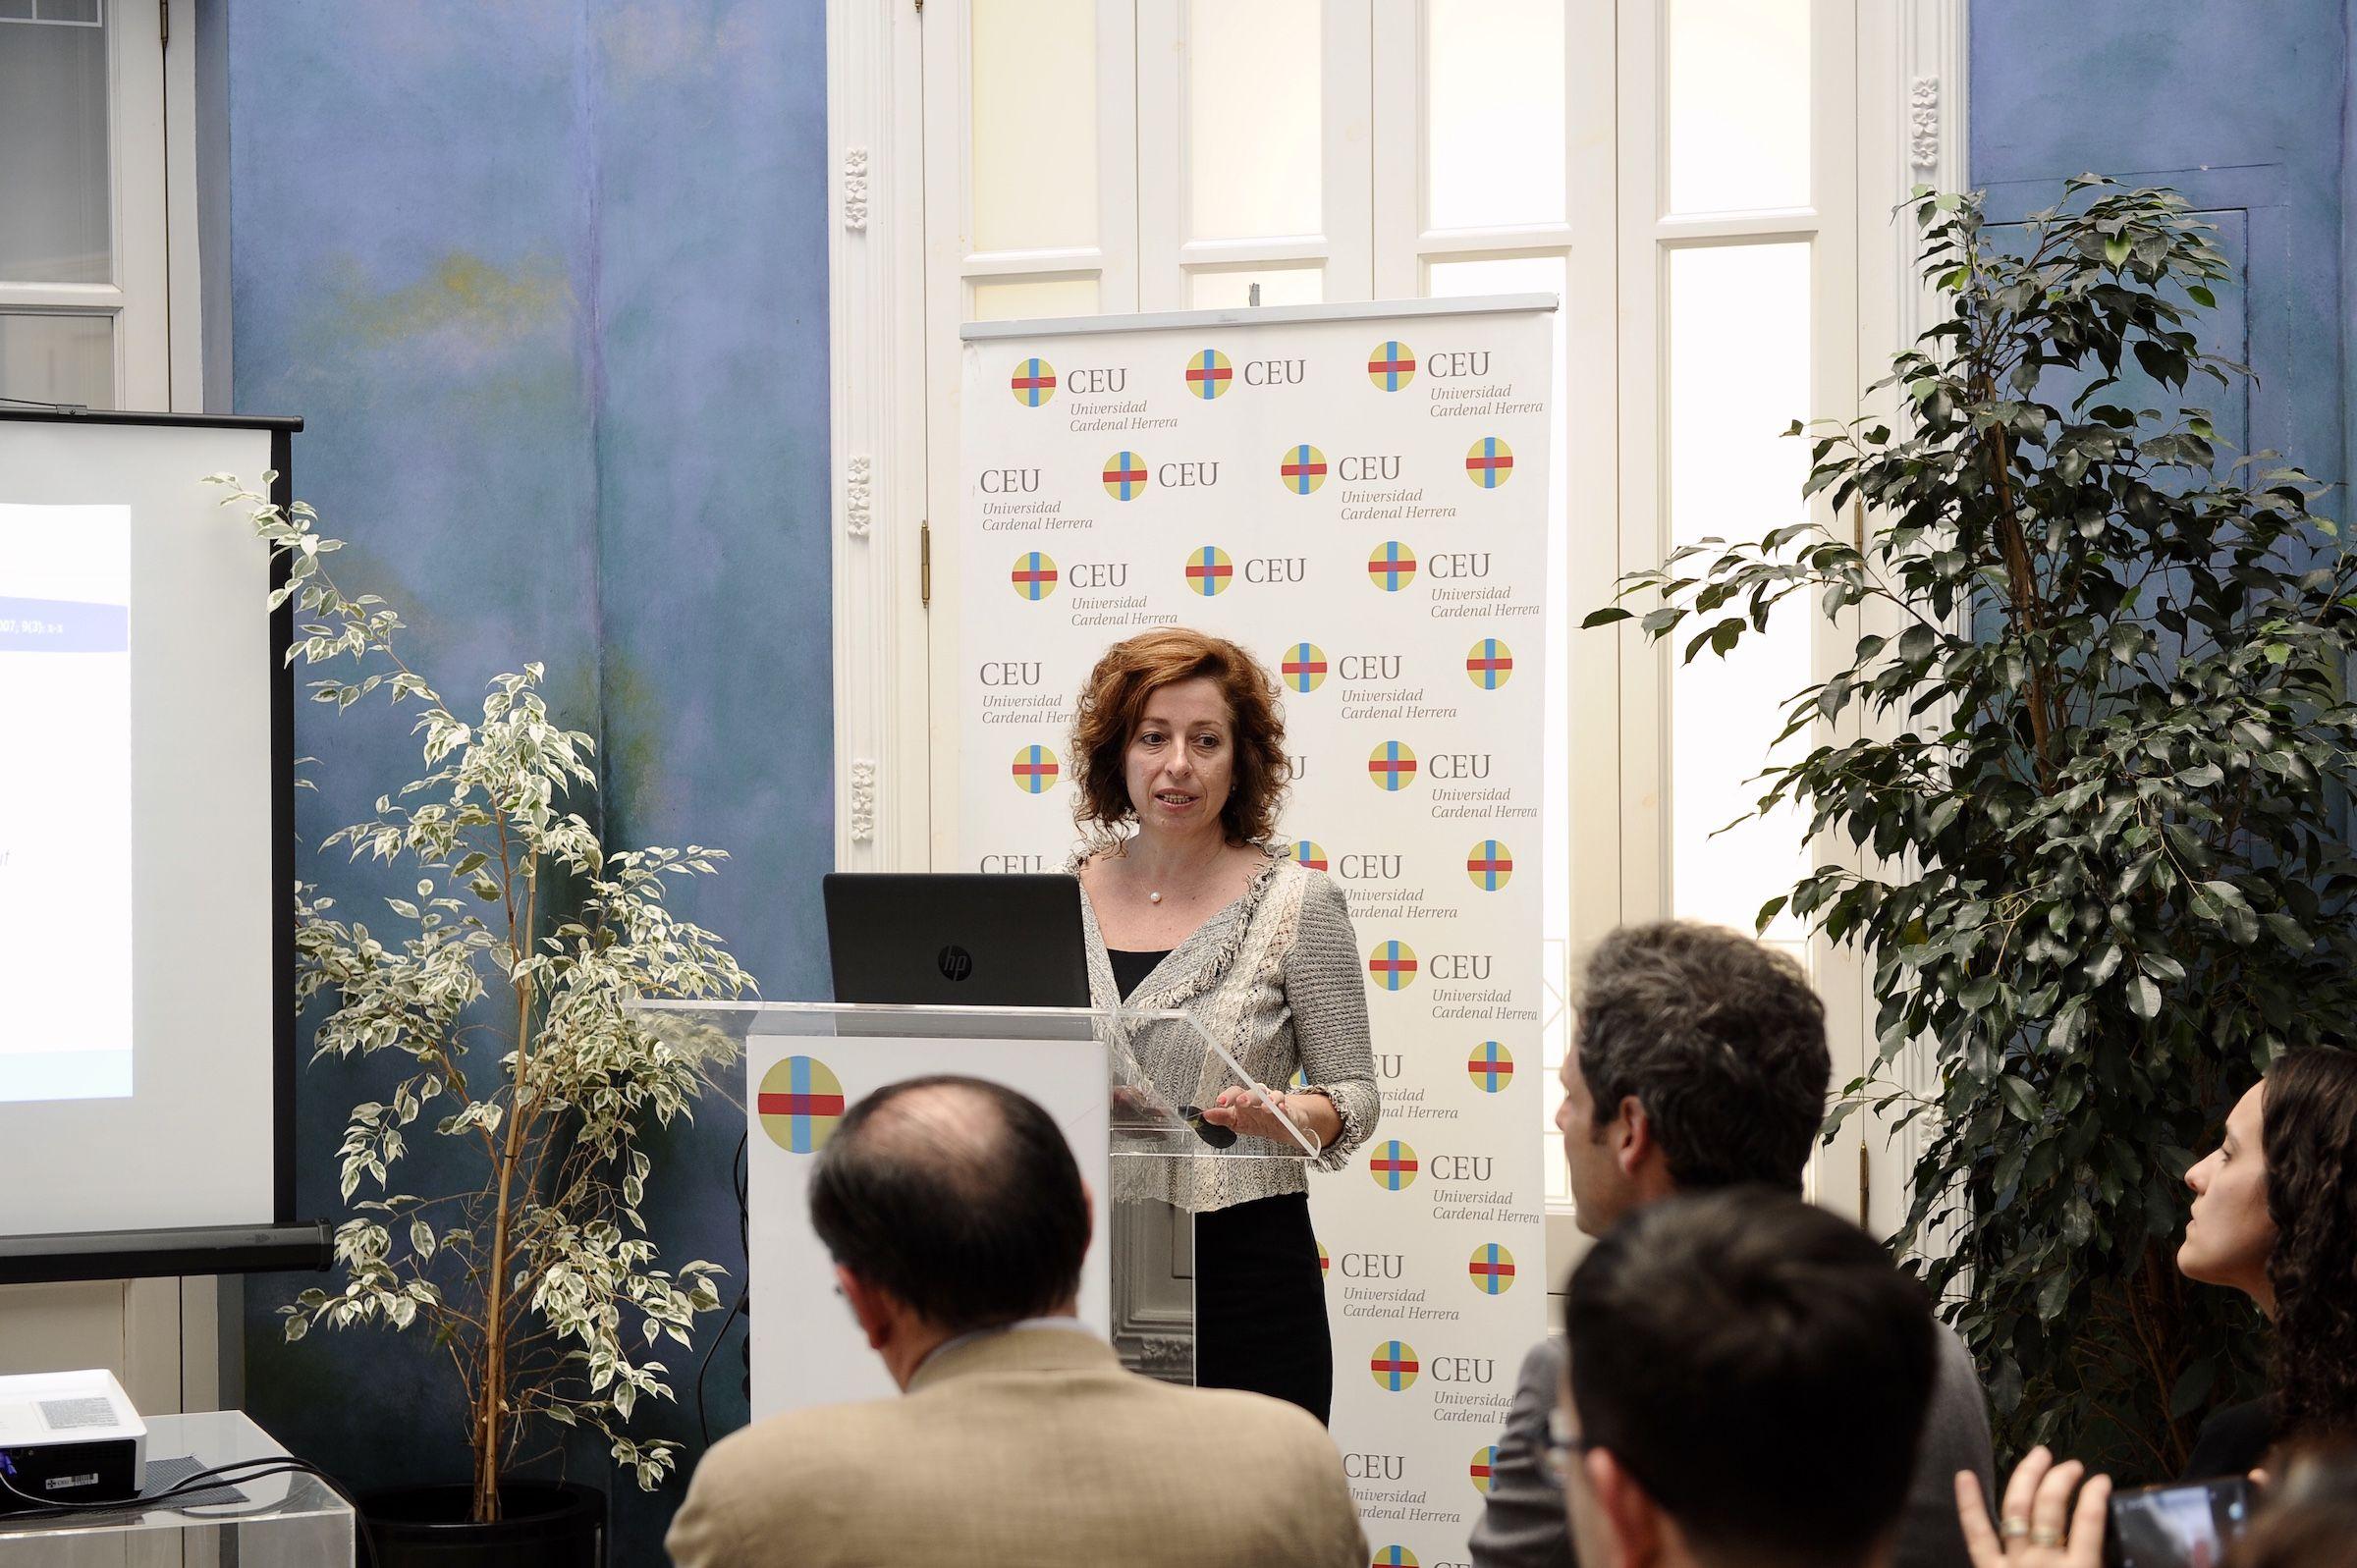 La catedrática de Farmacología de la CEU UCH, Lucrecia Moreno Royo, investigadora principal del proyecto becado por kNOW Alzheimer.